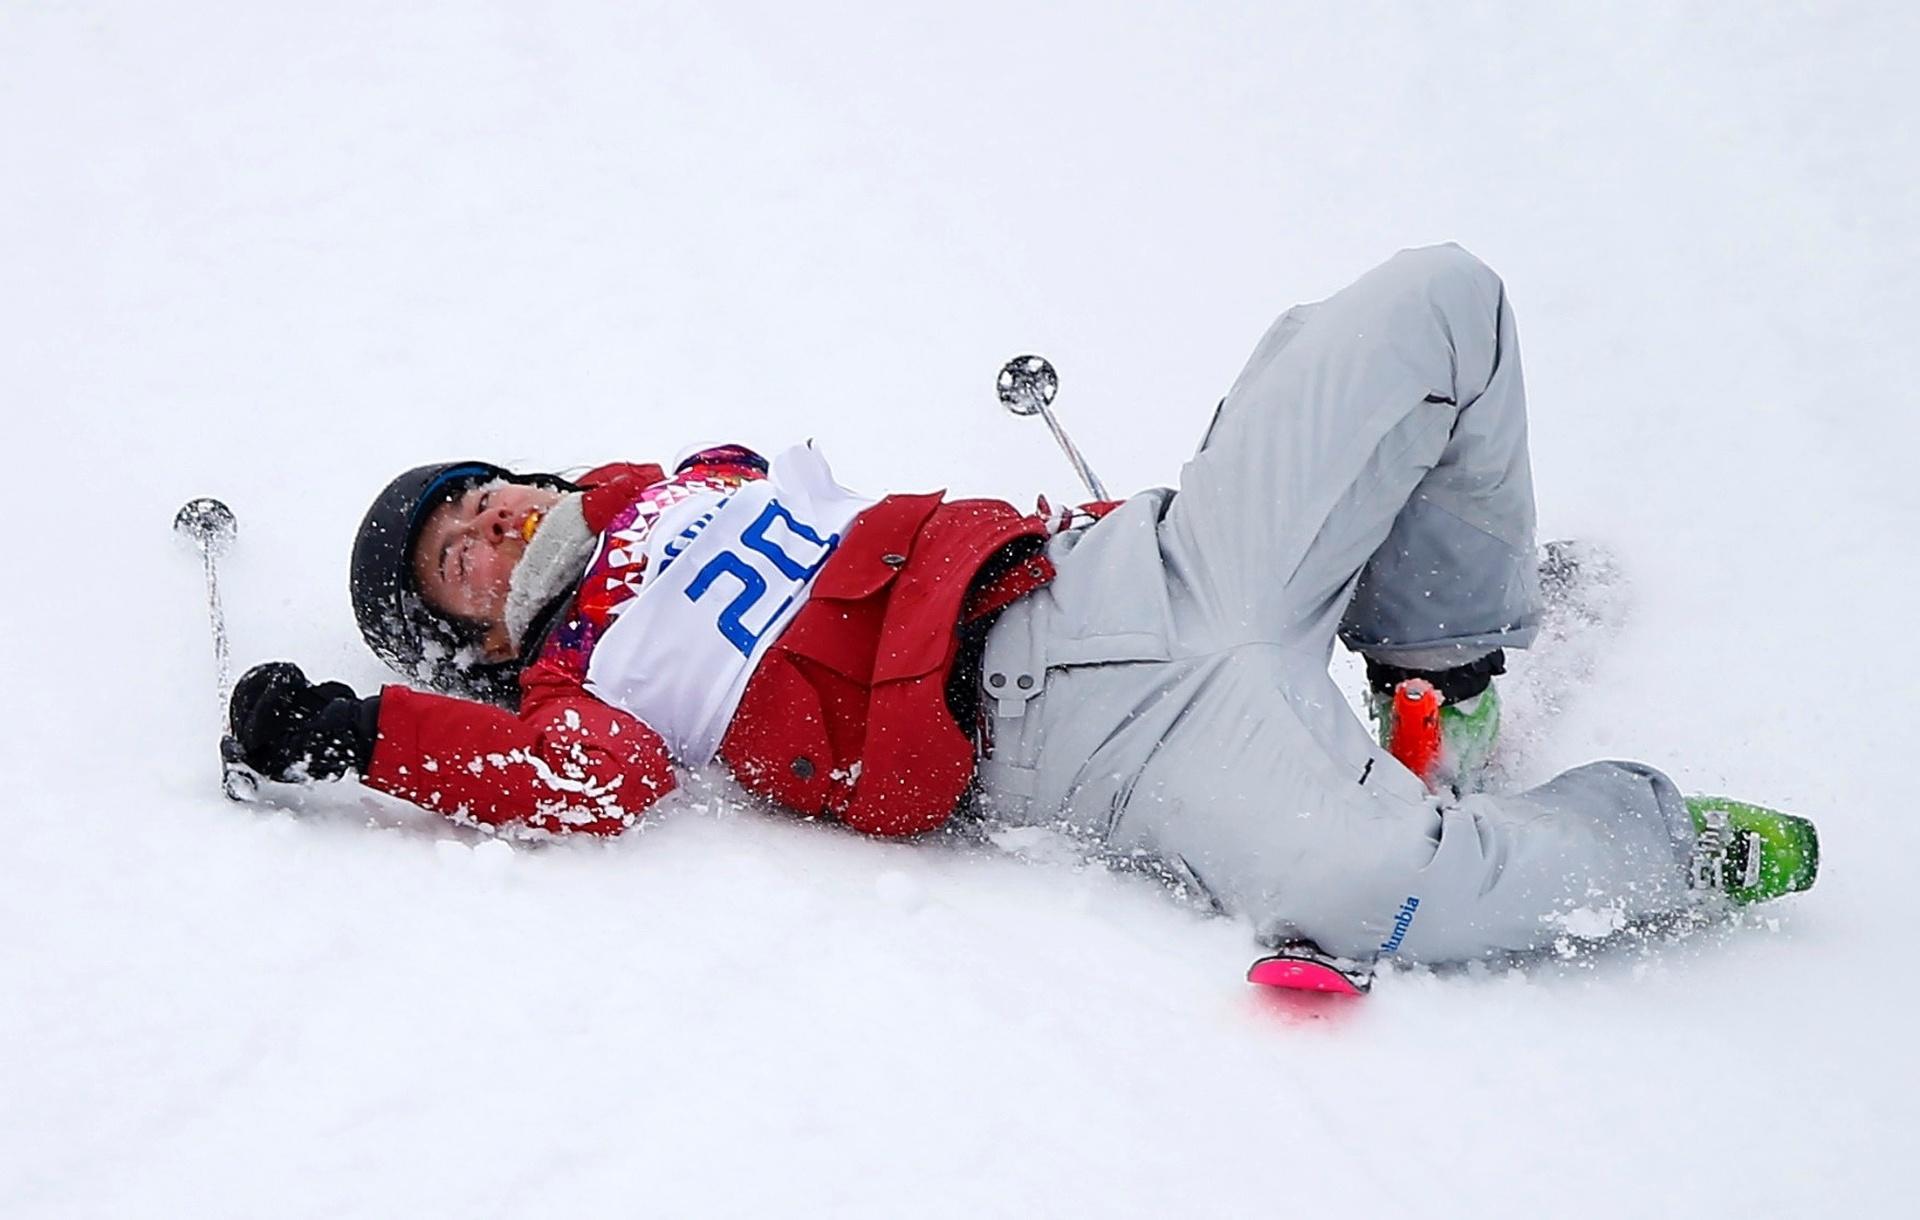 11.02.14 - A canadente Yuki Tsubota sofreu uma queda feia na competição de estilo livre nos Jogos Olímpicos de Inverno. Ela ficou no chão por um tempo até ser carregada de maca para o hospital